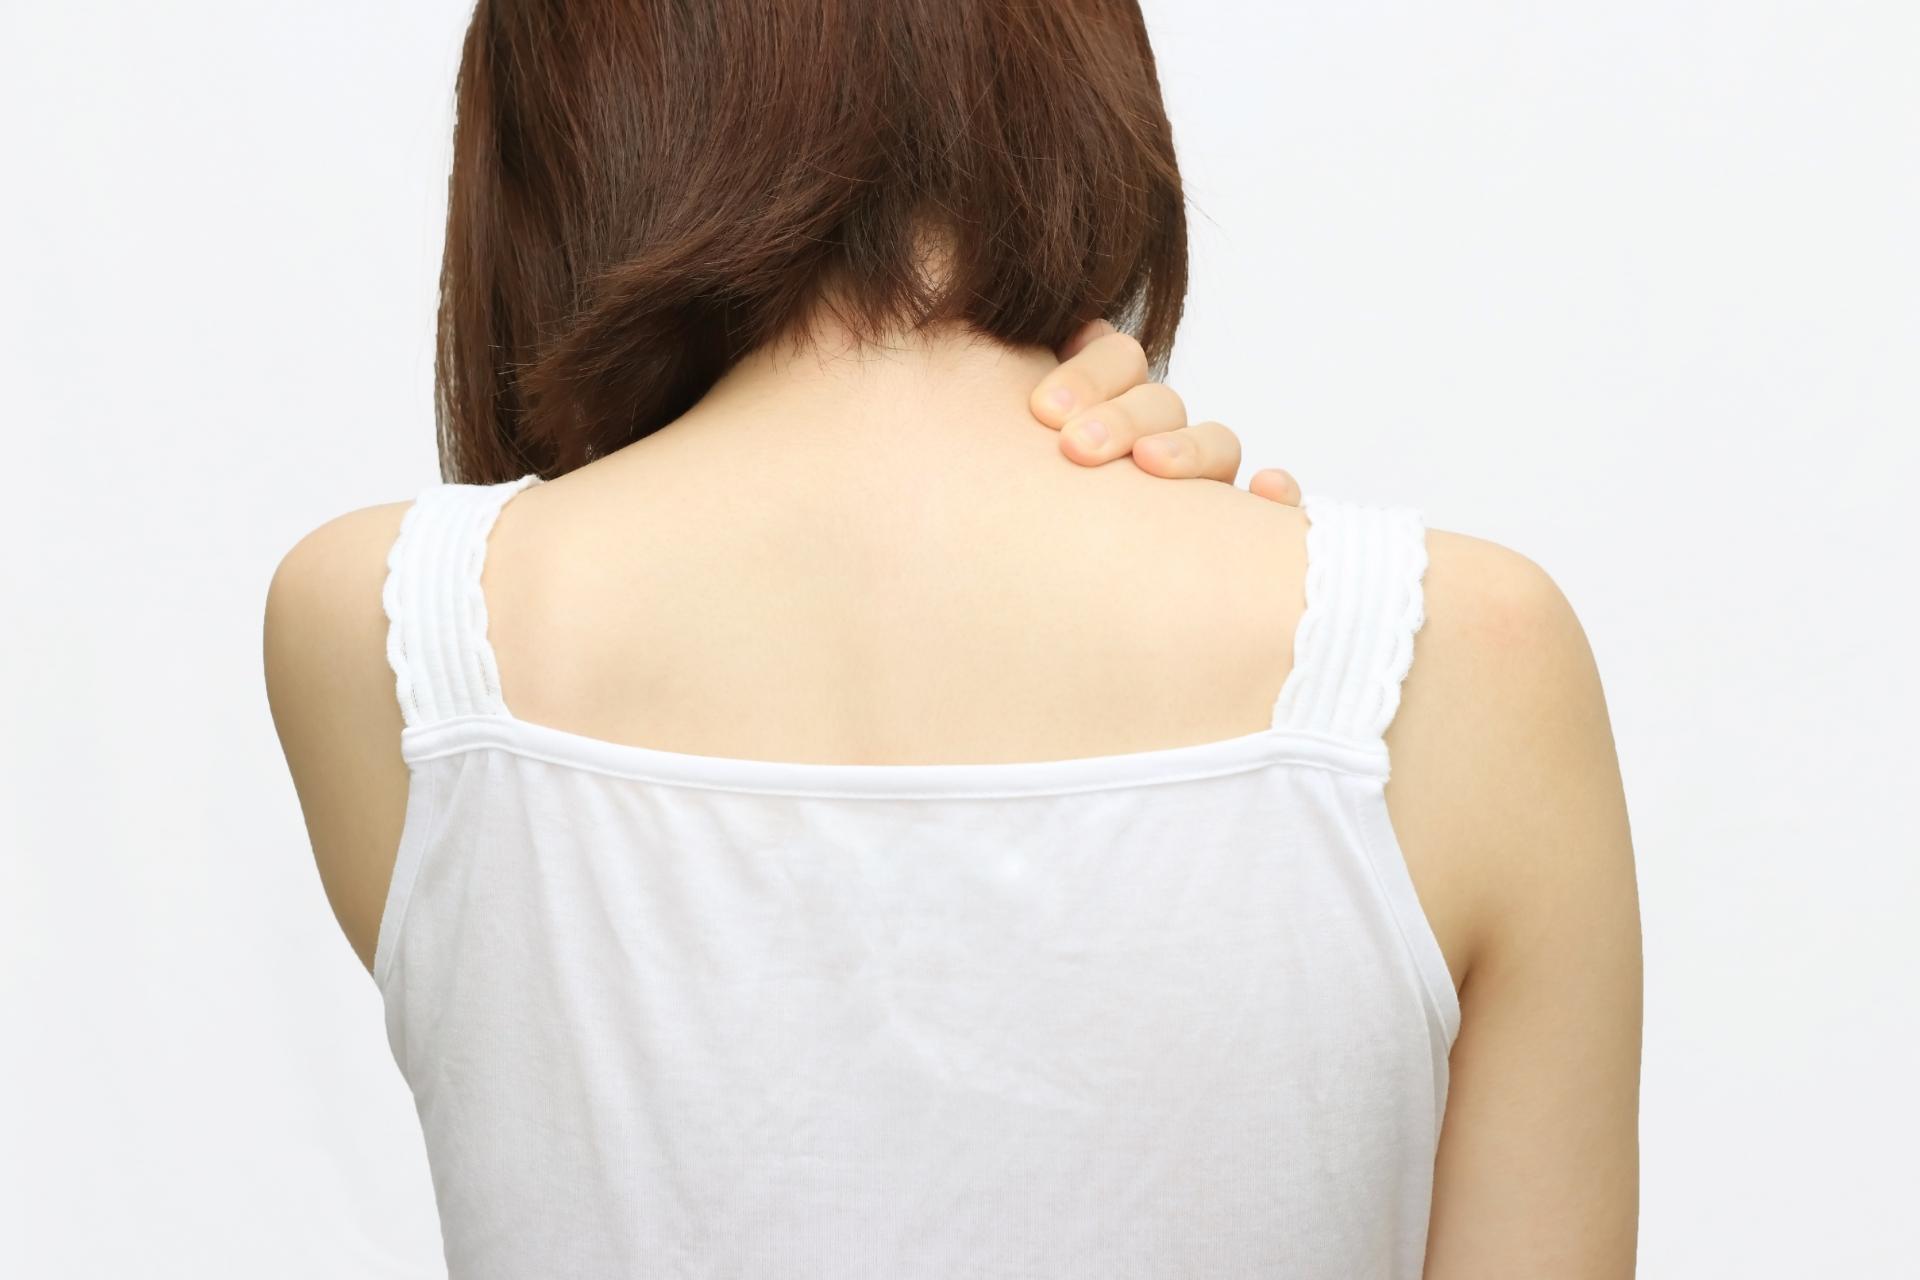 夏に肩こりが悪化する原因と対処法